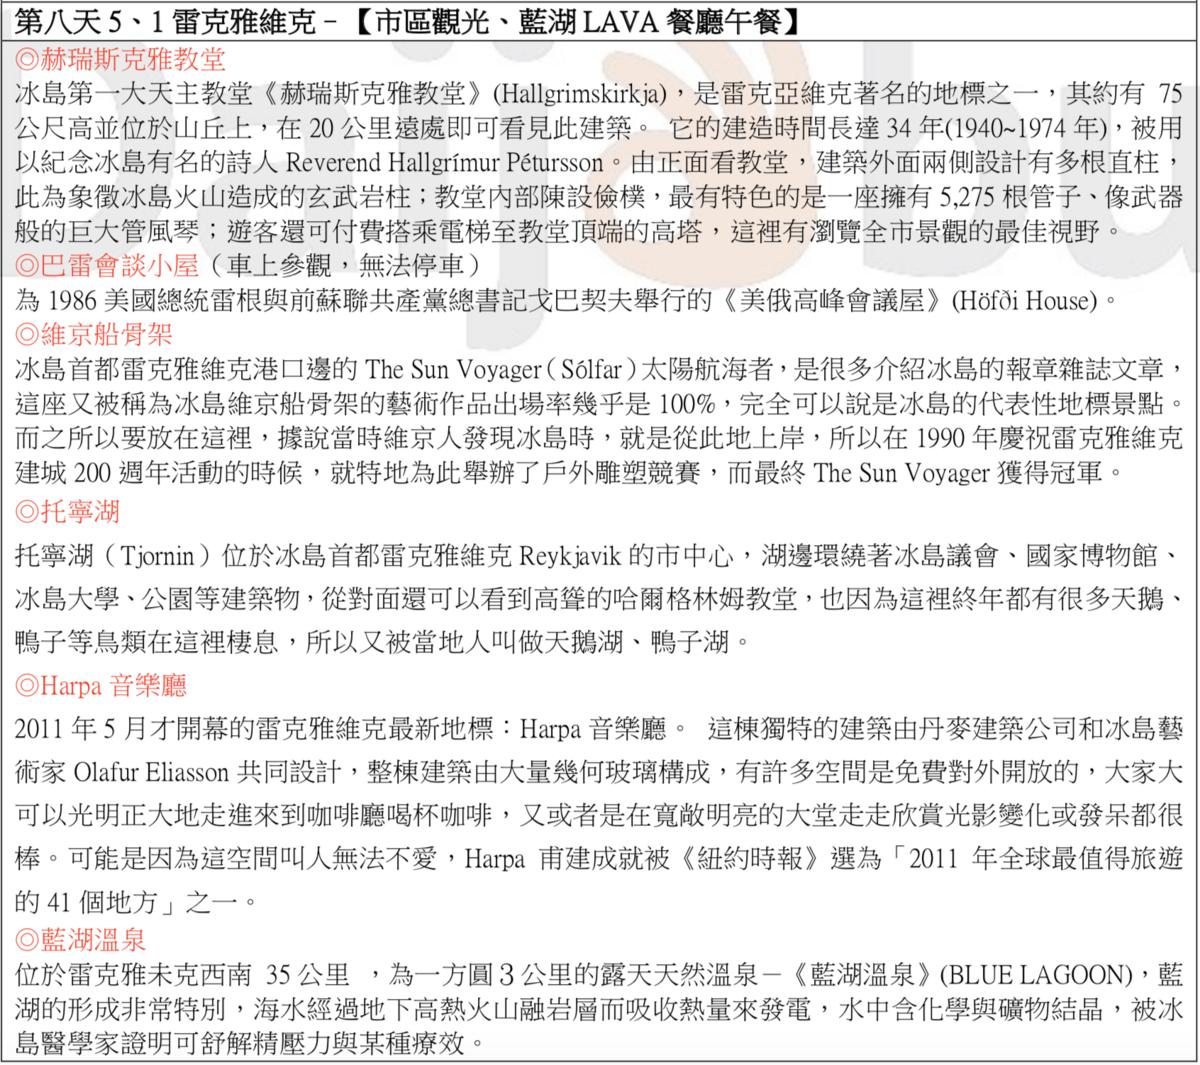 奶茶團長幸福旅行團|0330~0408 4,台灣獨家冰島環島團+冒險行程,10/13 9:00報名(奶茶團長專屬限定團)